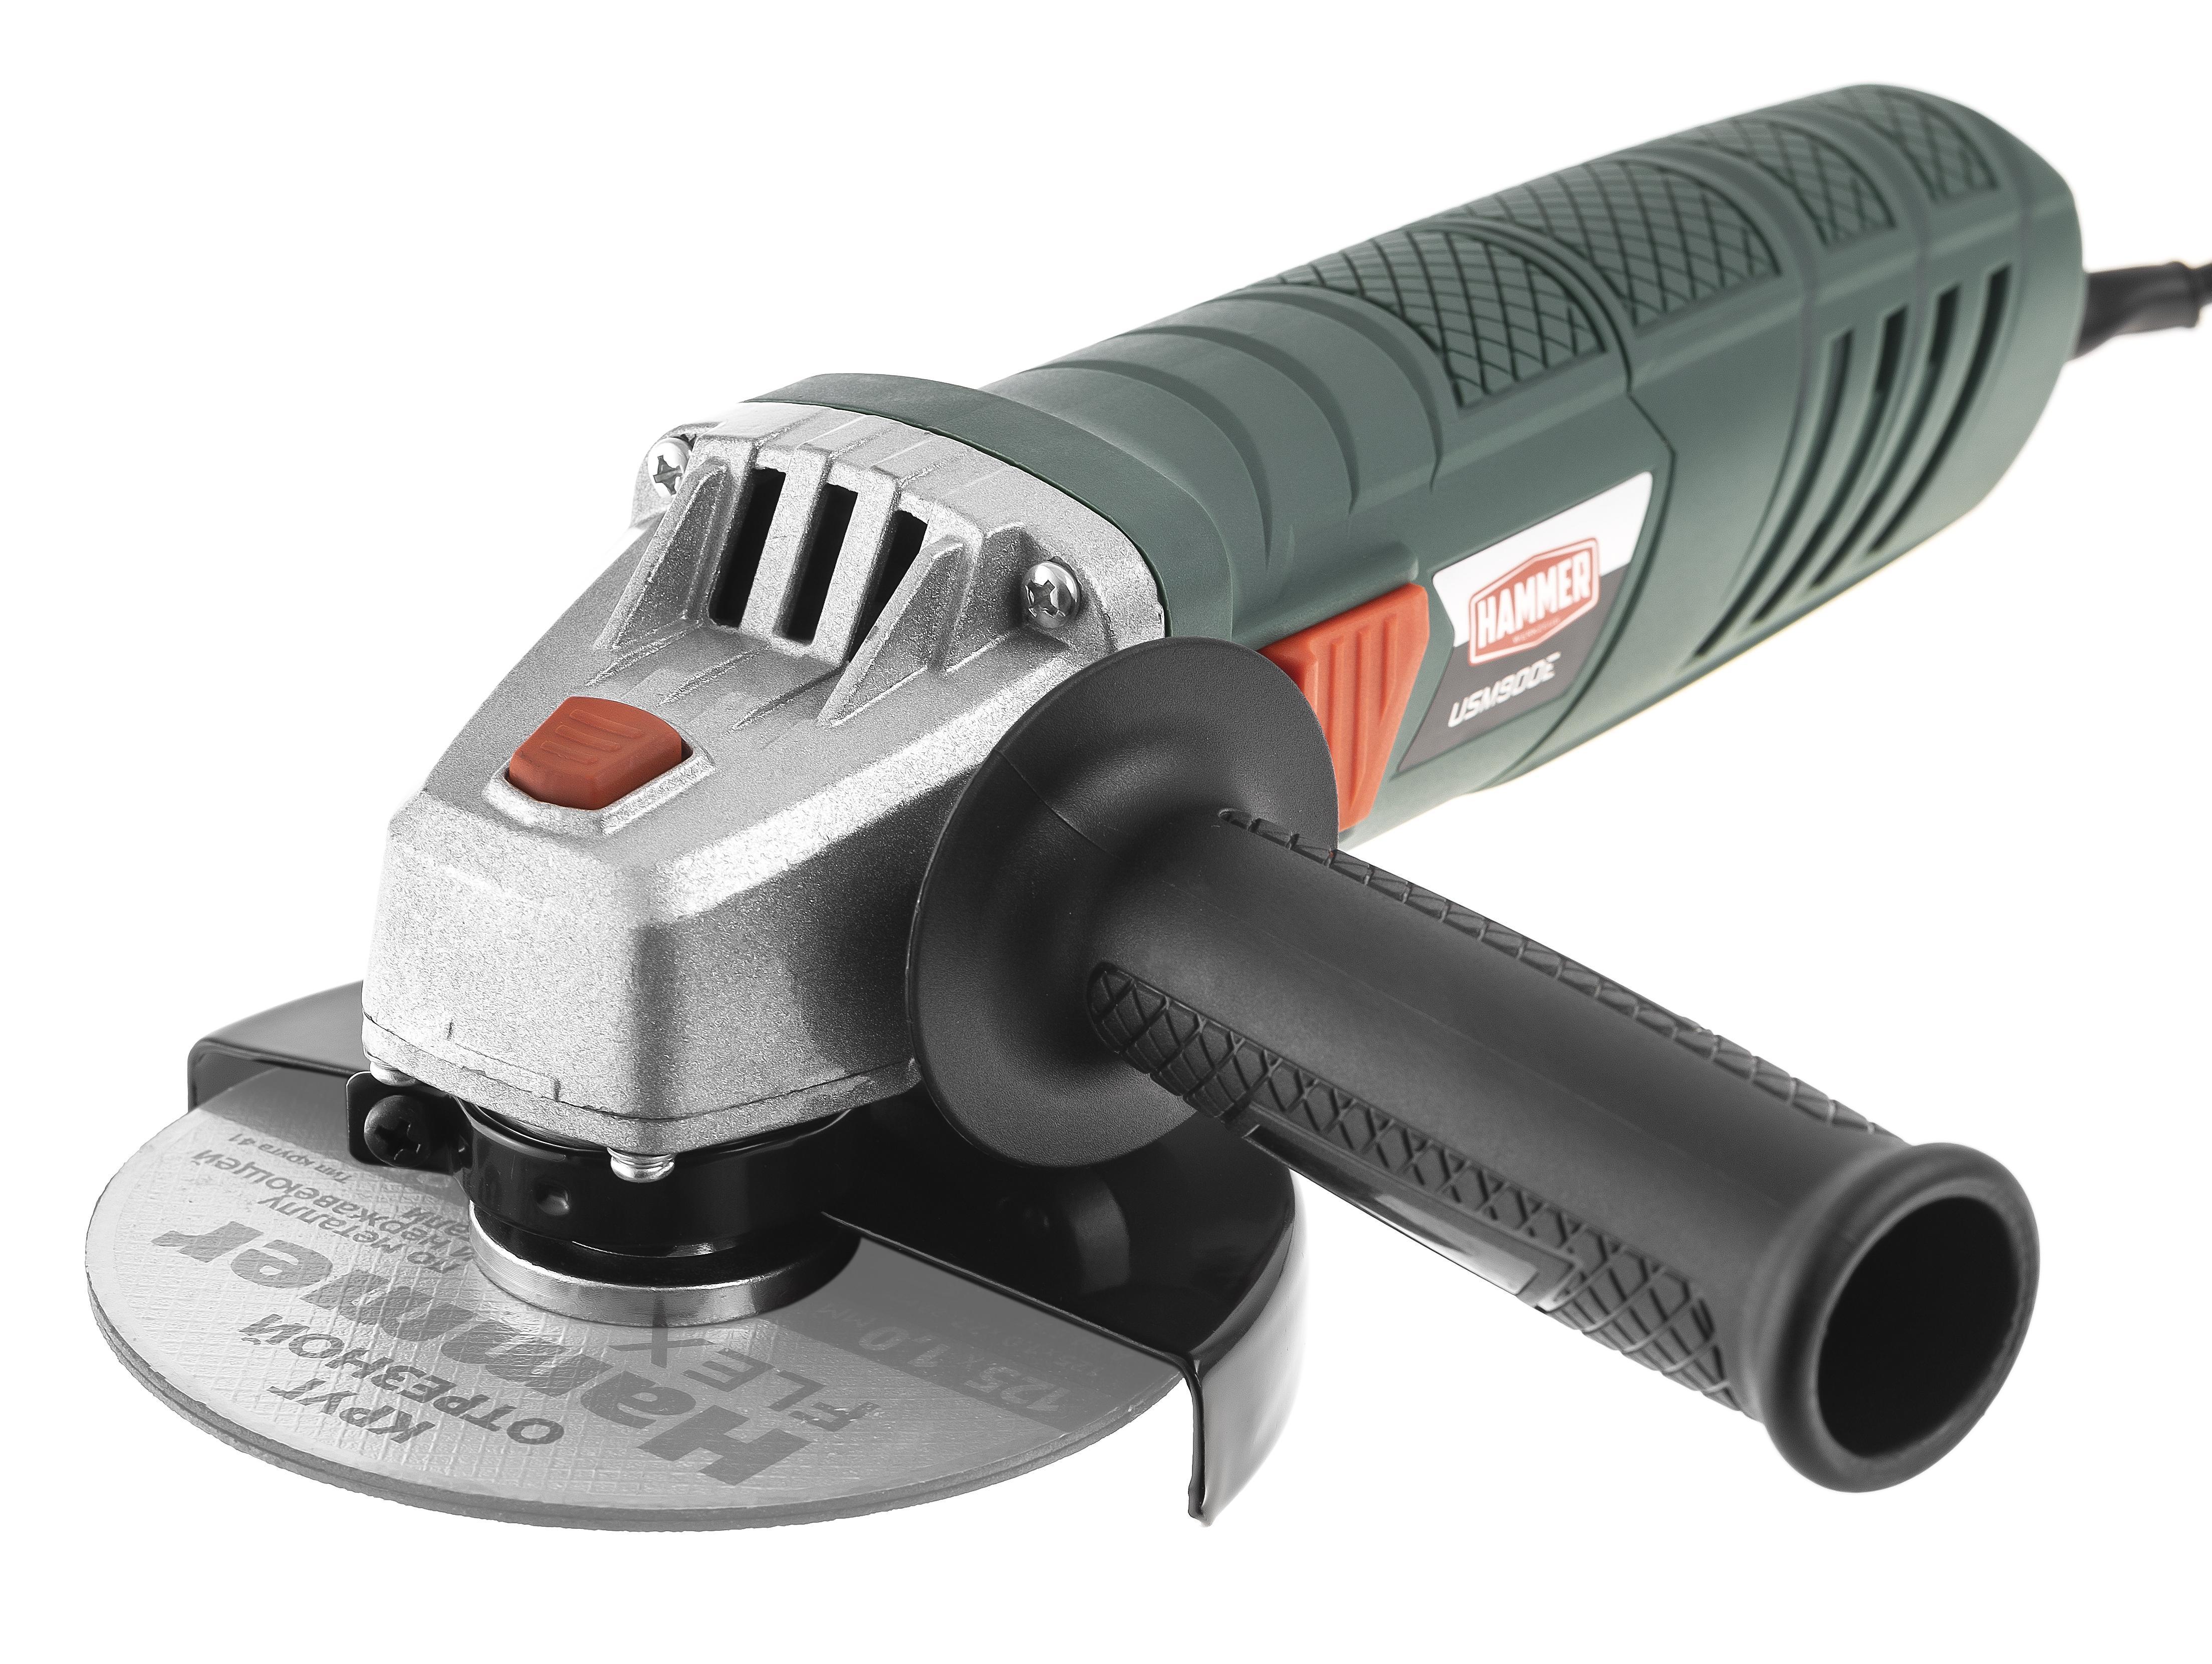 УШМ (болгарка) Hammer Usm900e угловая шлифовальная машина болгарка hammer flex usm 710 d